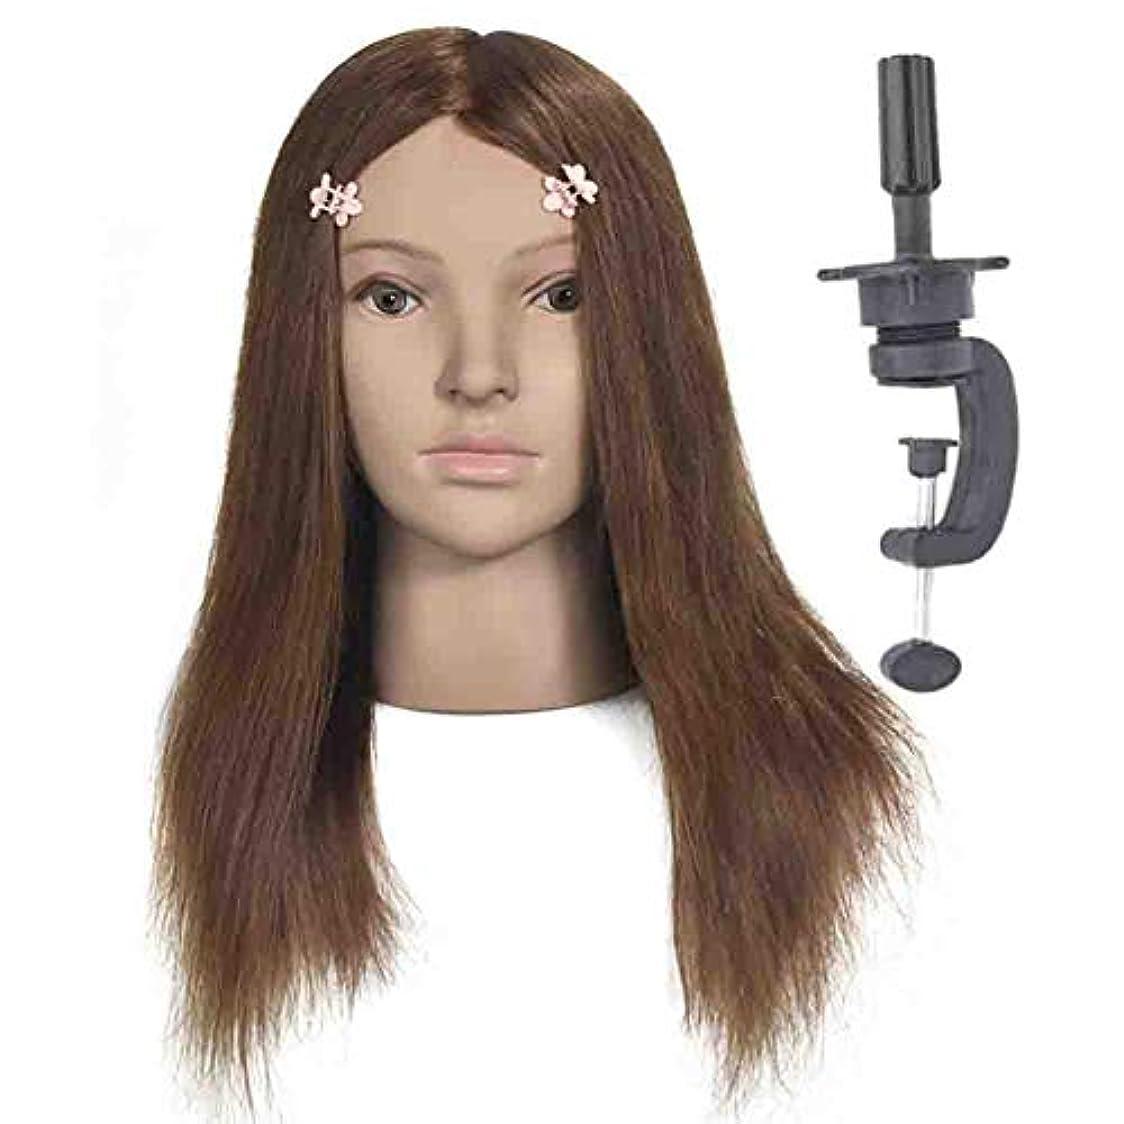 しない出費神の100%本物の髪型モデルヘッド花嫁ヘアエクササイズヘッド金型理髪店学習ダミーヘッドはパーマ毛髪染料することができます